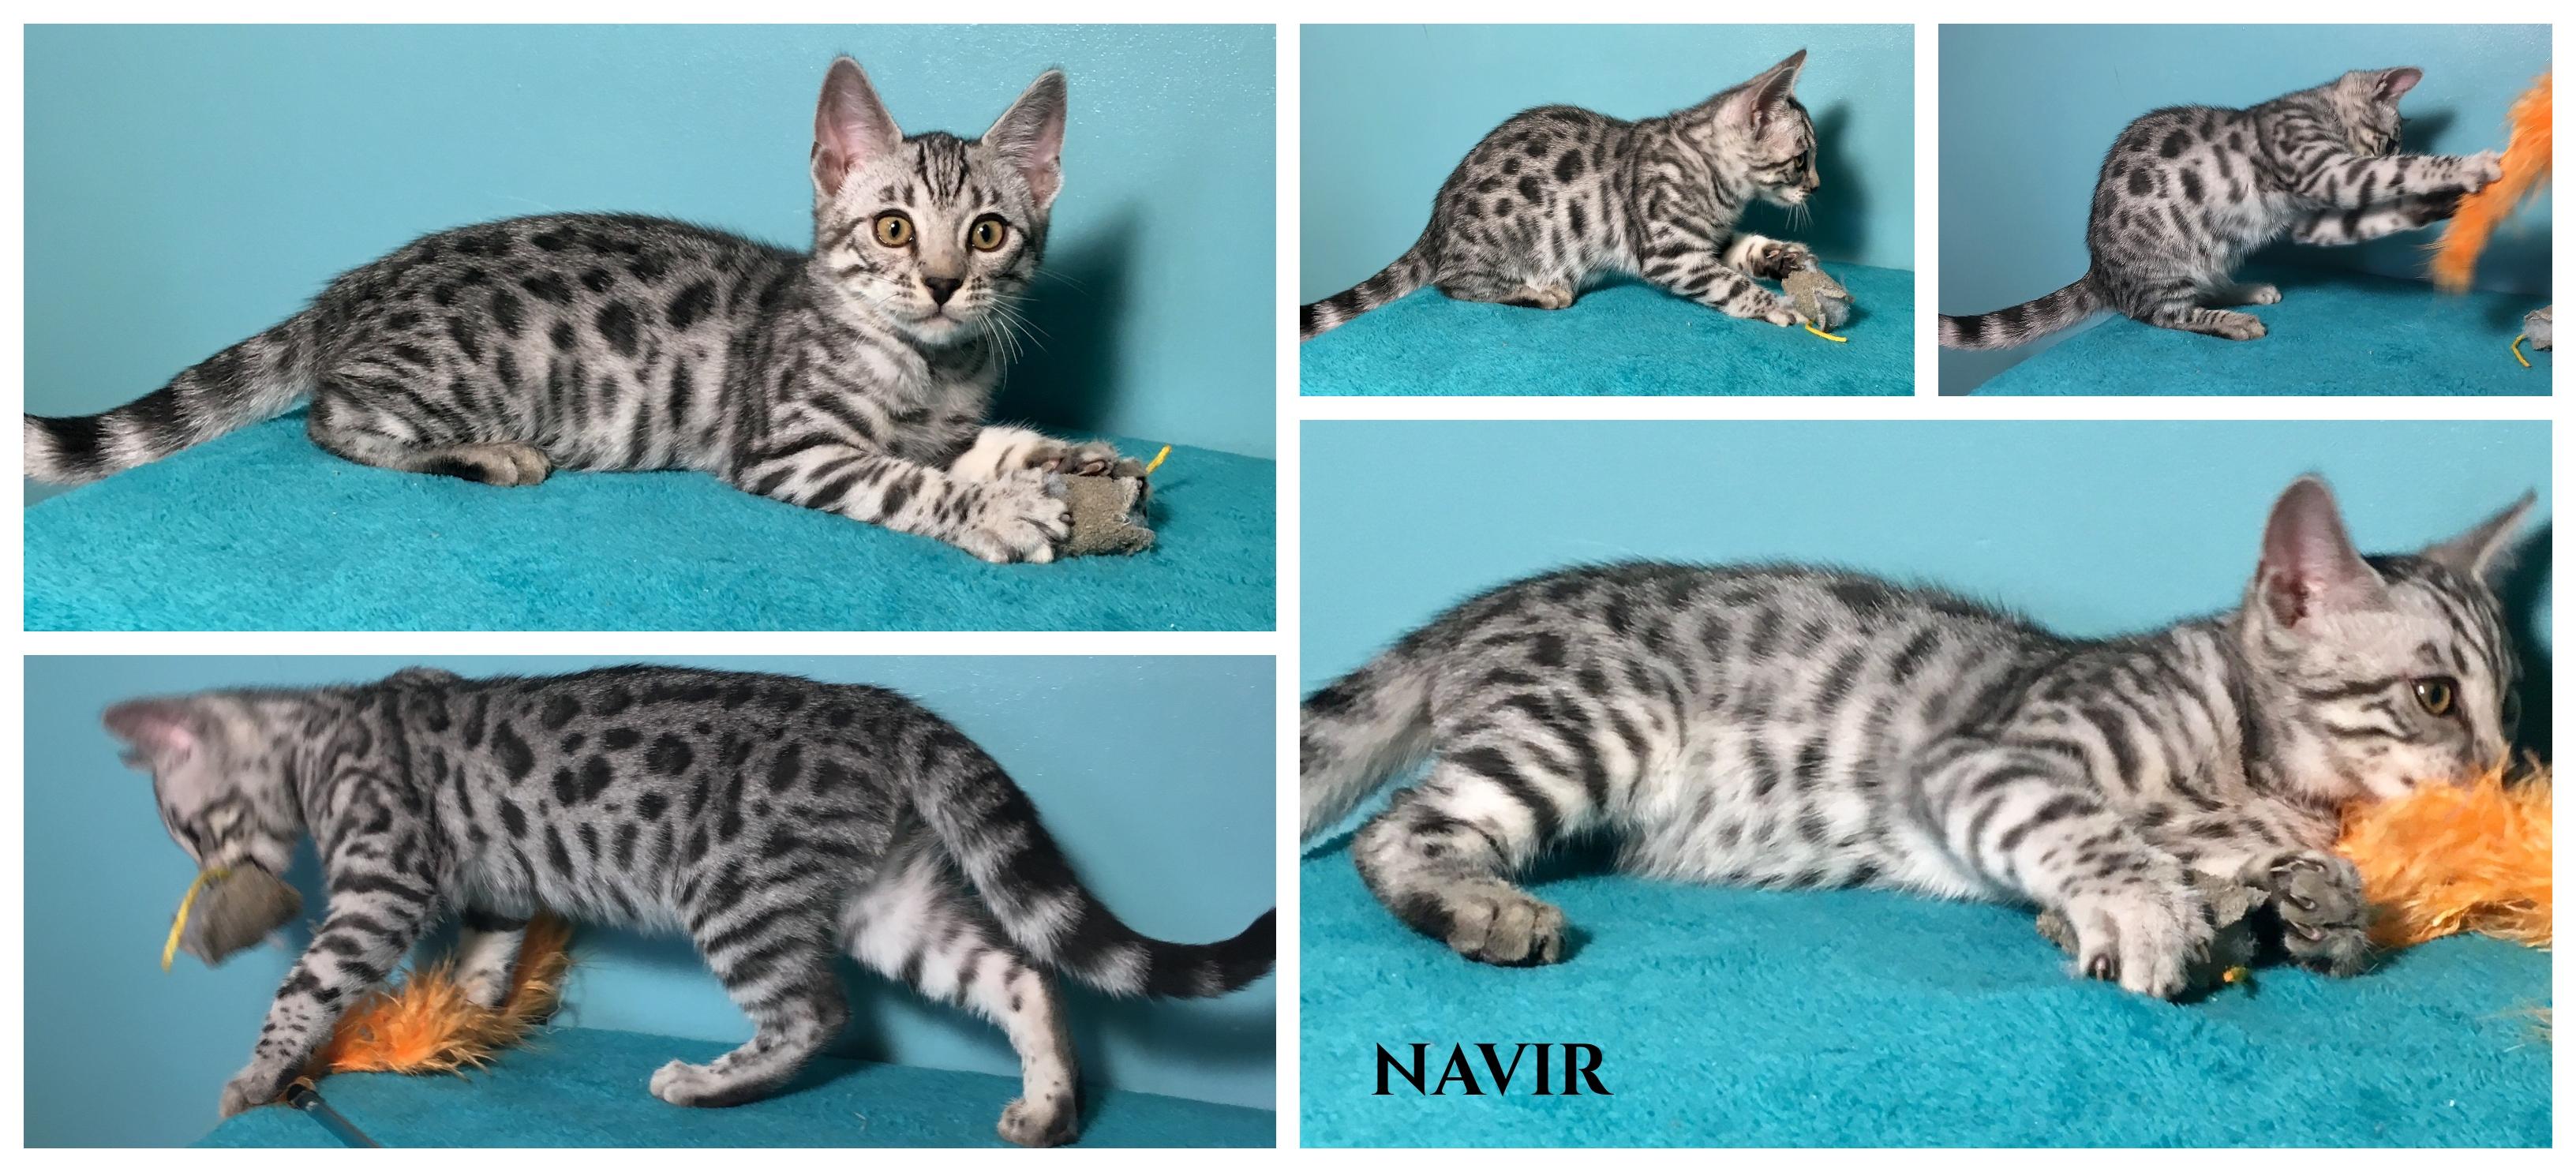 Navir 12 weeks